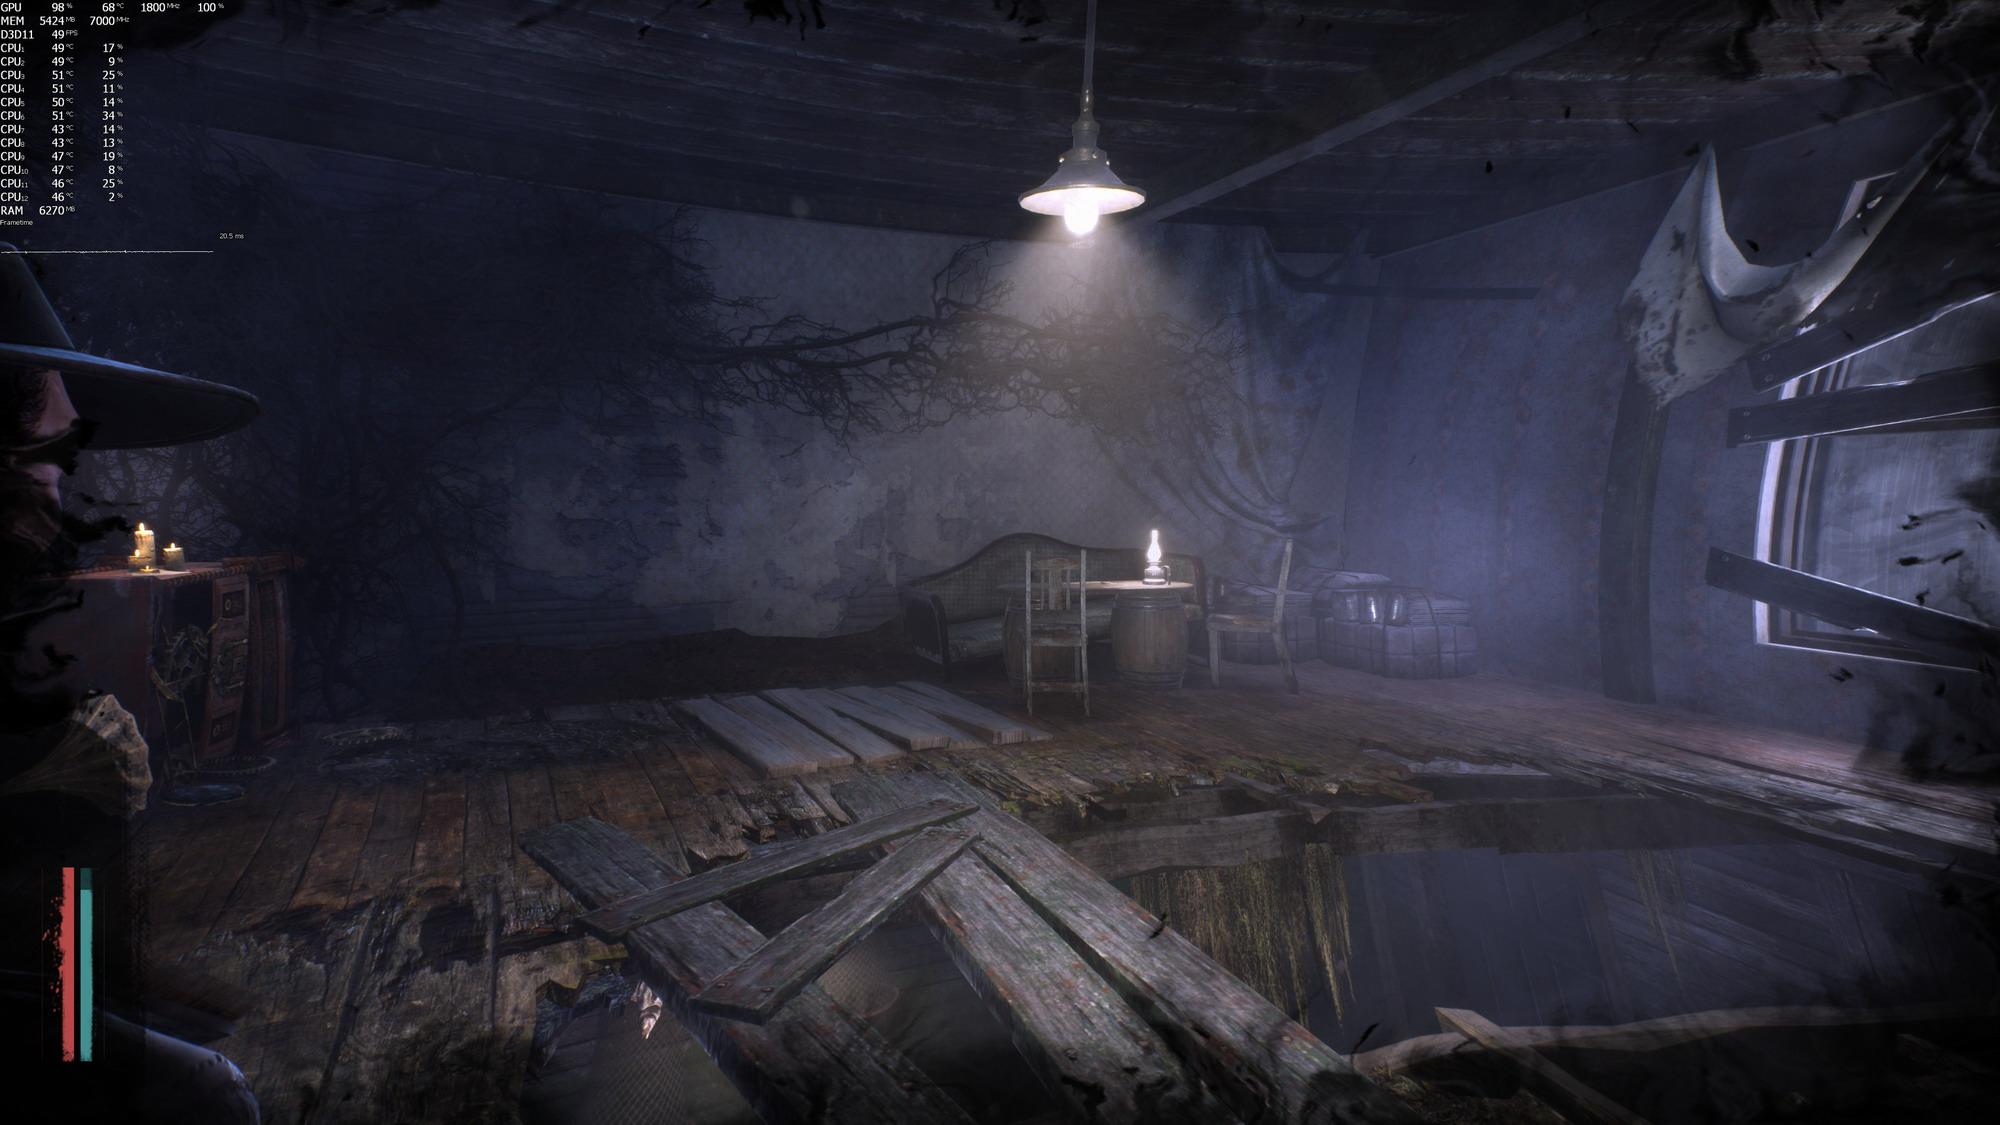 《沉没之城》有优化问题 2080Ti在超高设置下运行卡顿